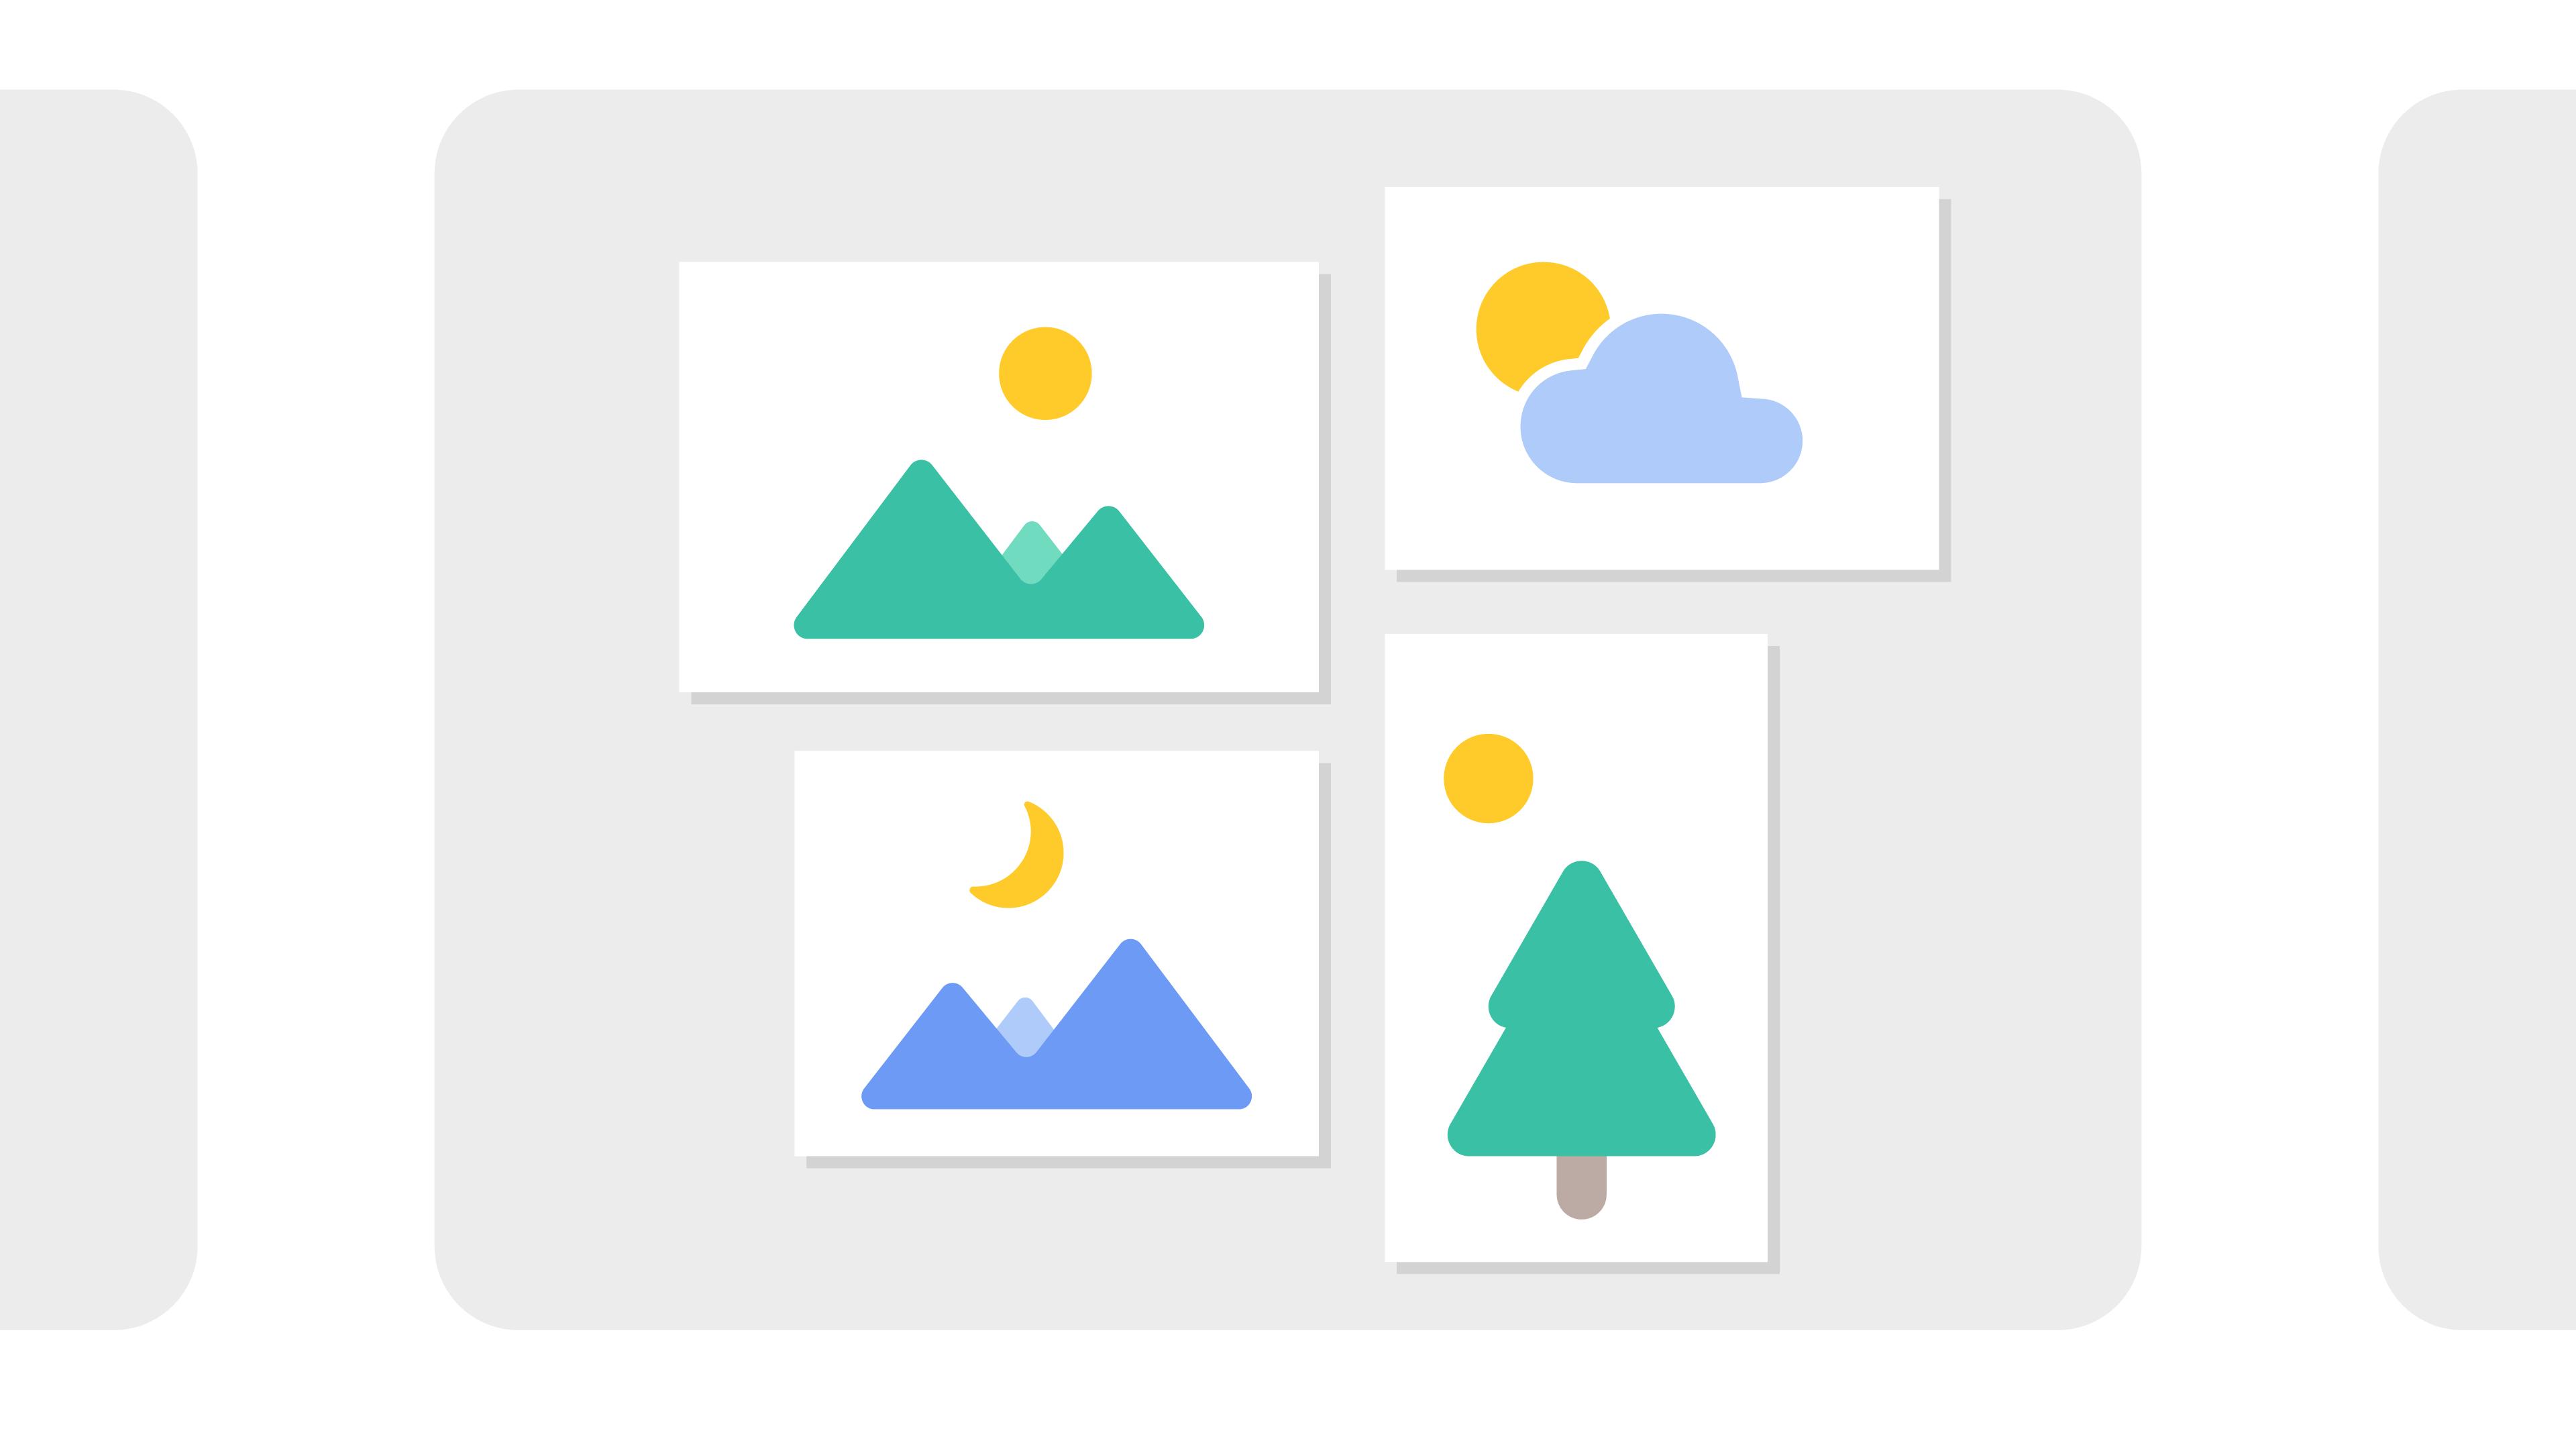 تصویر از پسوند های قابل تنظیم